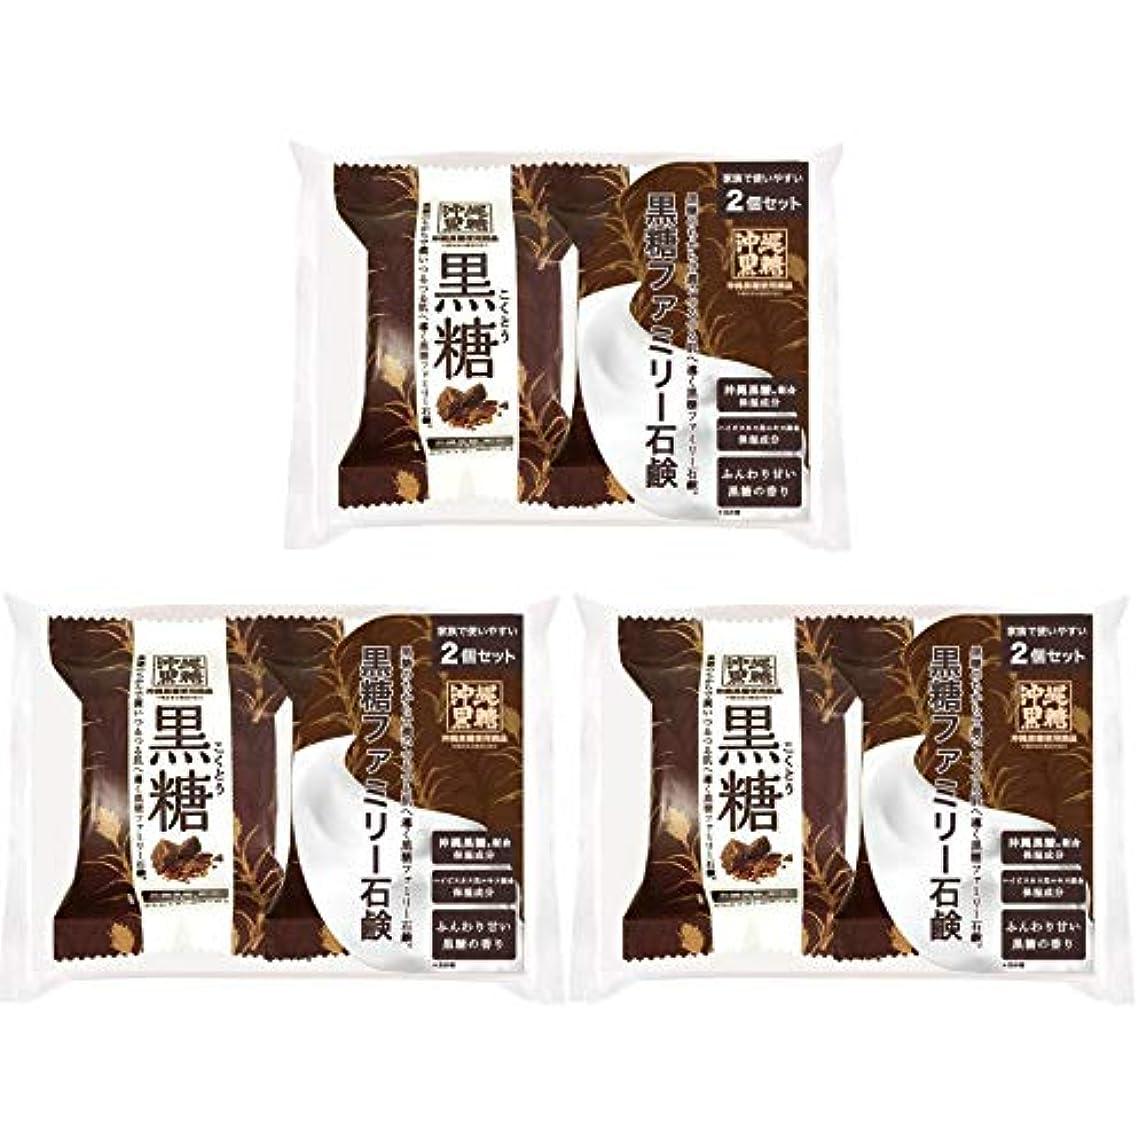 パッチ玉ねぎコック【3個セット】ペリカン石鹸 ファミリー黒糖石鹸 80g×2個